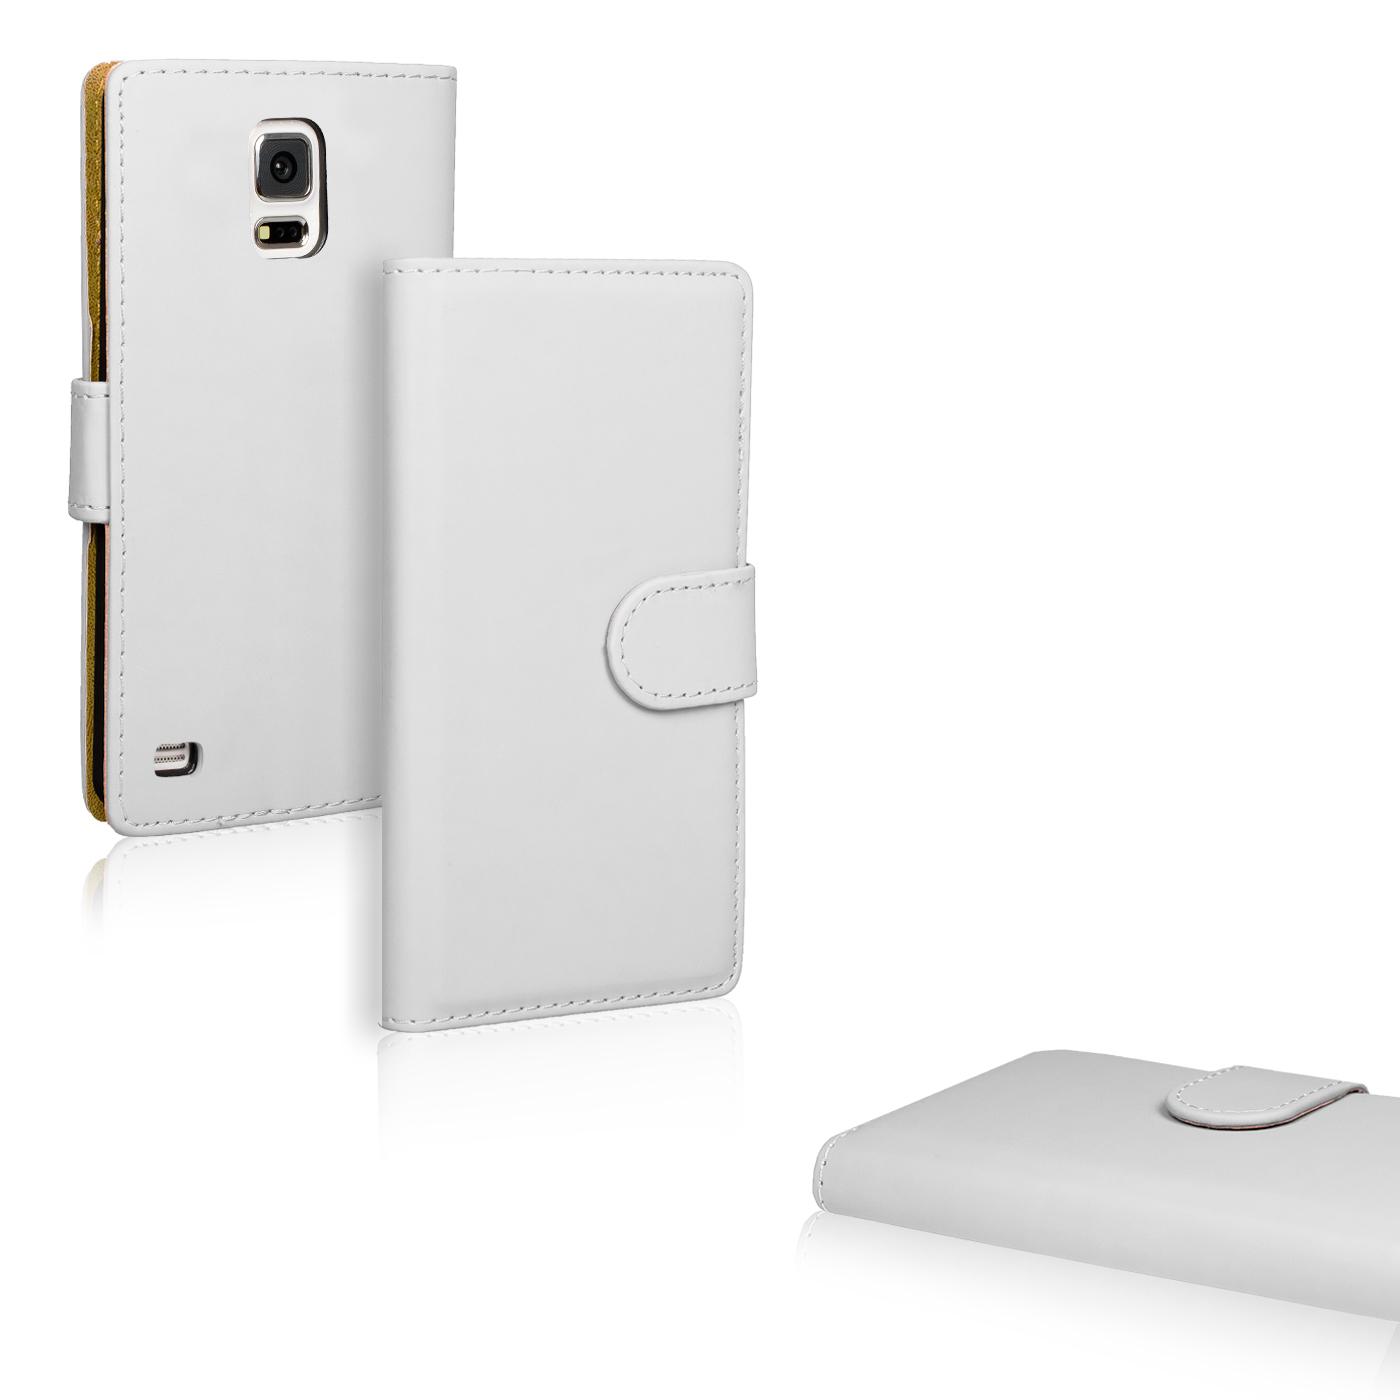 samsung galaxy s5 mini handy tasche flip case schutz h lle. Black Bedroom Furniture Sets. Home Design Ideas